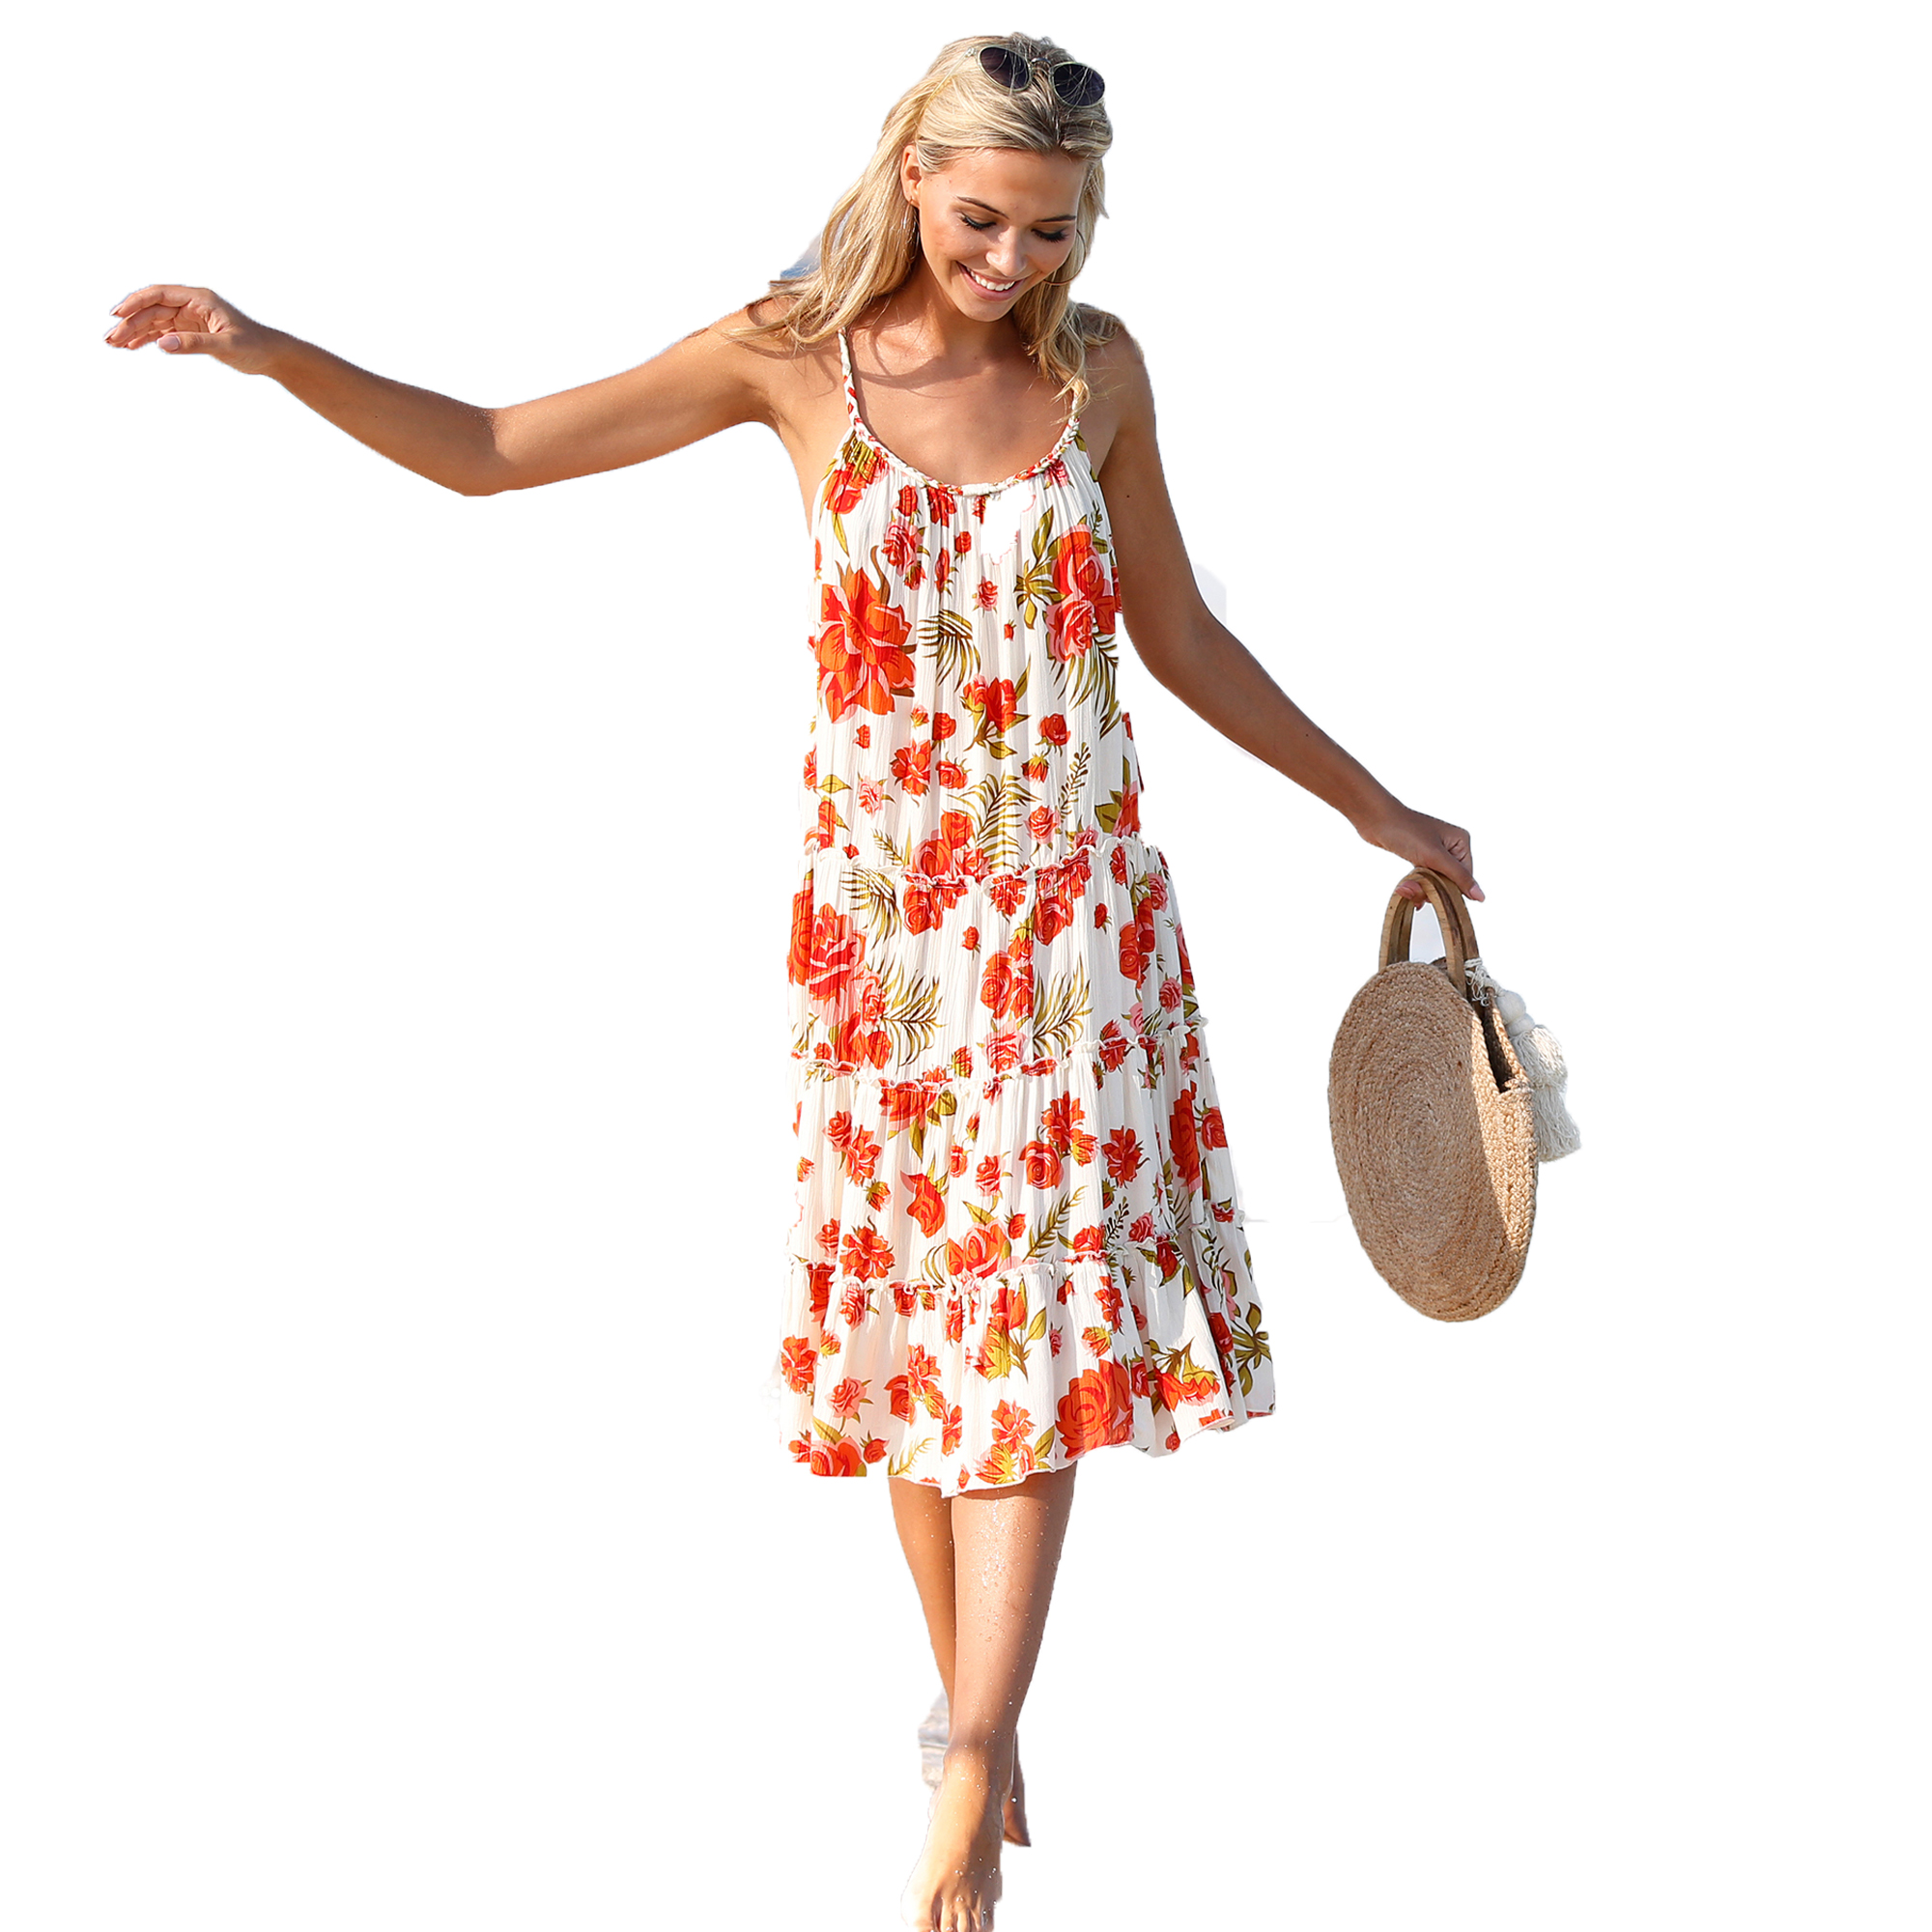 ca7849d9b5 Vestido corto detalle trenzado en tirantes y escote mujer by VencaStyl -